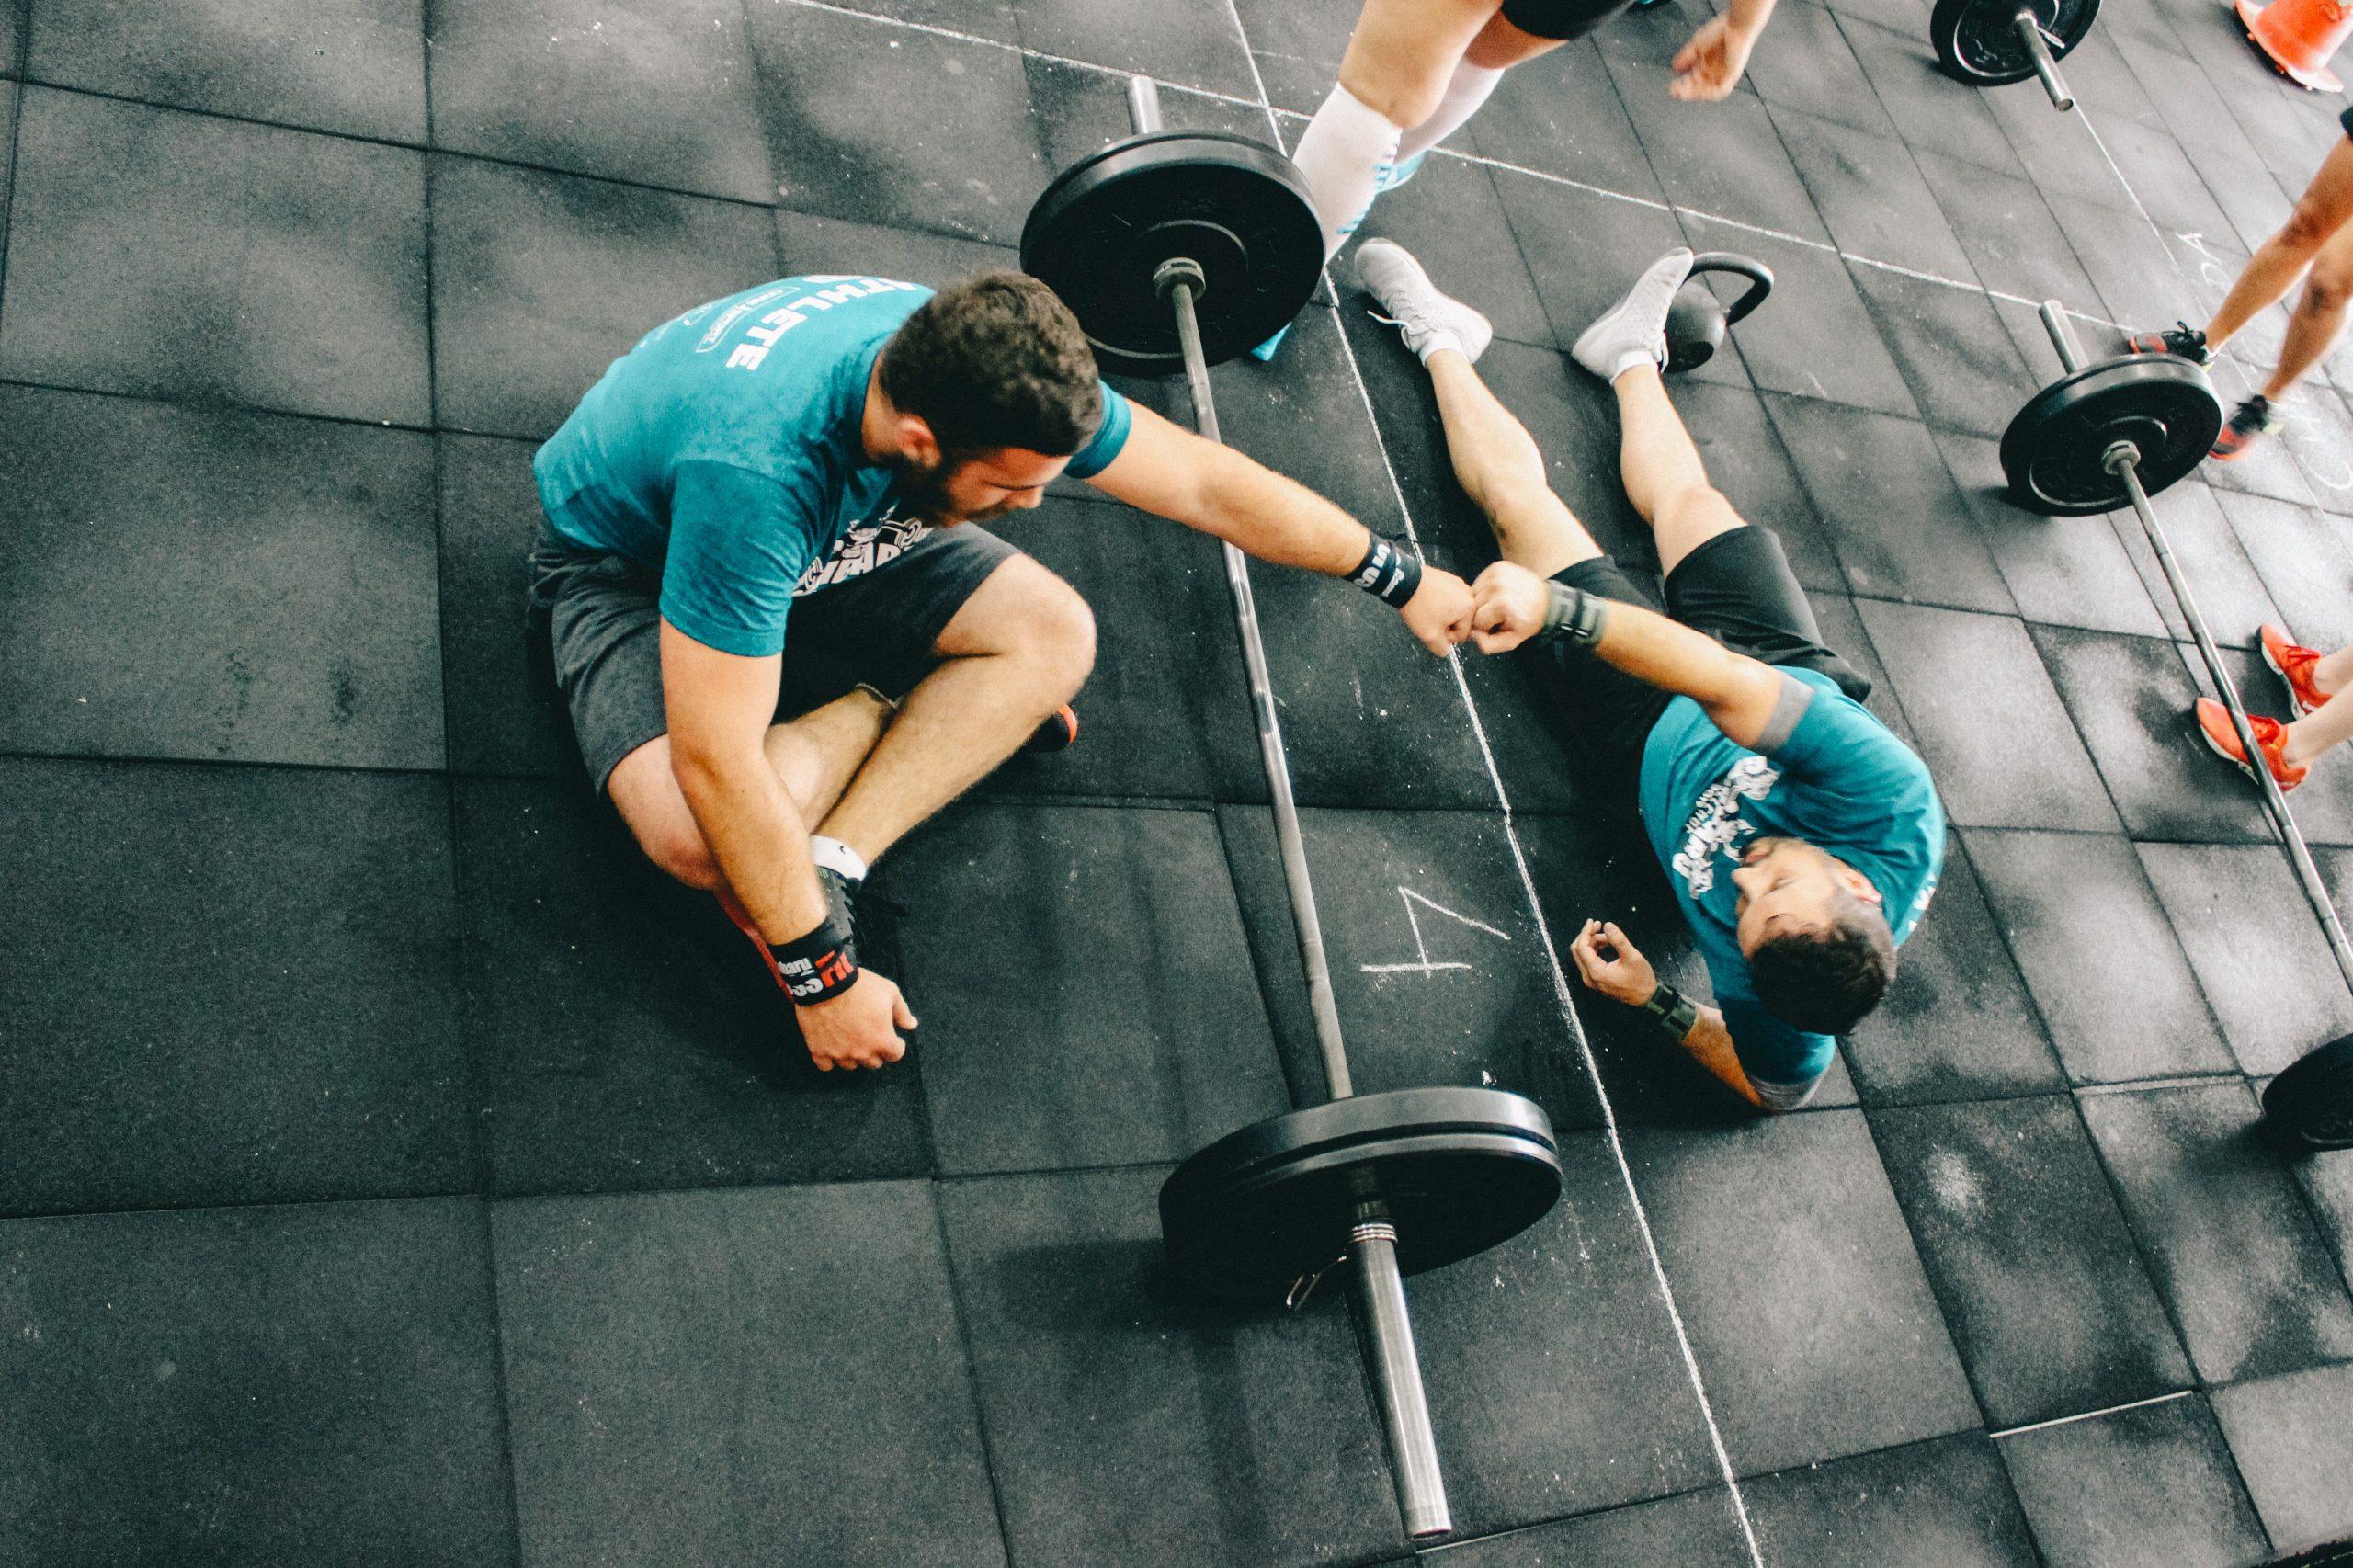 Foto de duas pessoas no chão, se cumprimentando, aparentemente após finalizar o treino de Crossfit